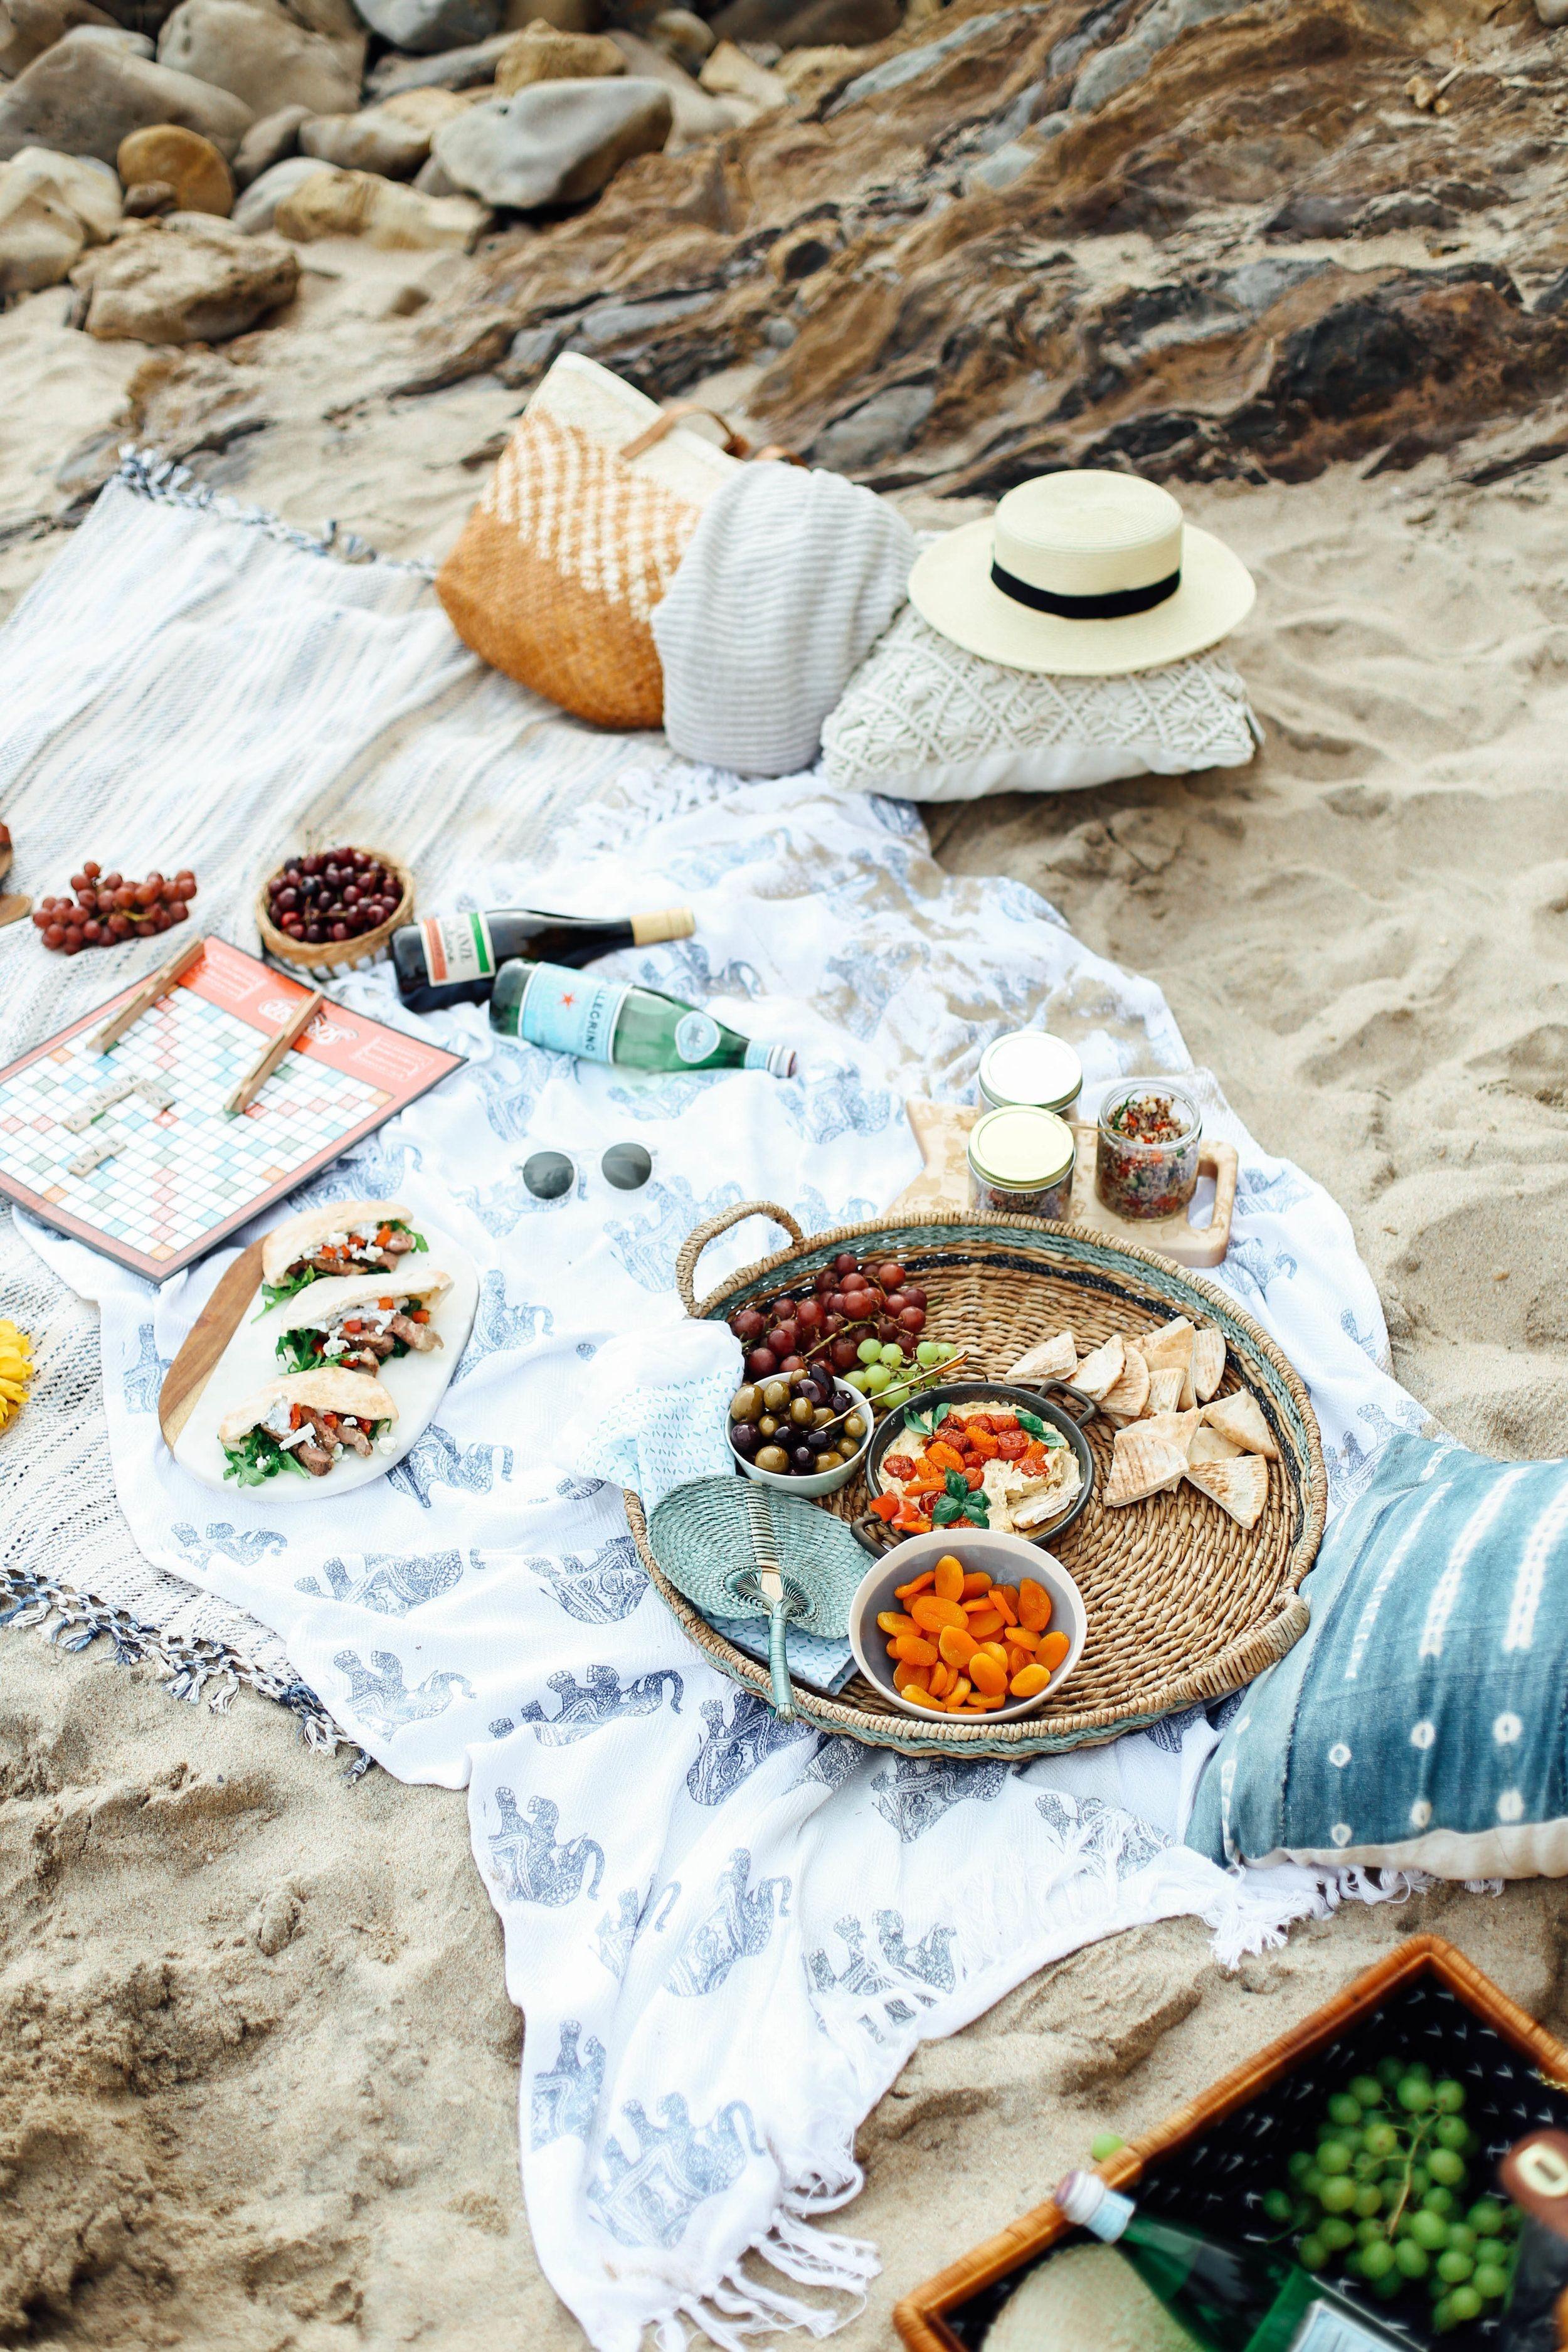 12 ideias para fazer um piquenique (Foto: reprodução / Pinterest)